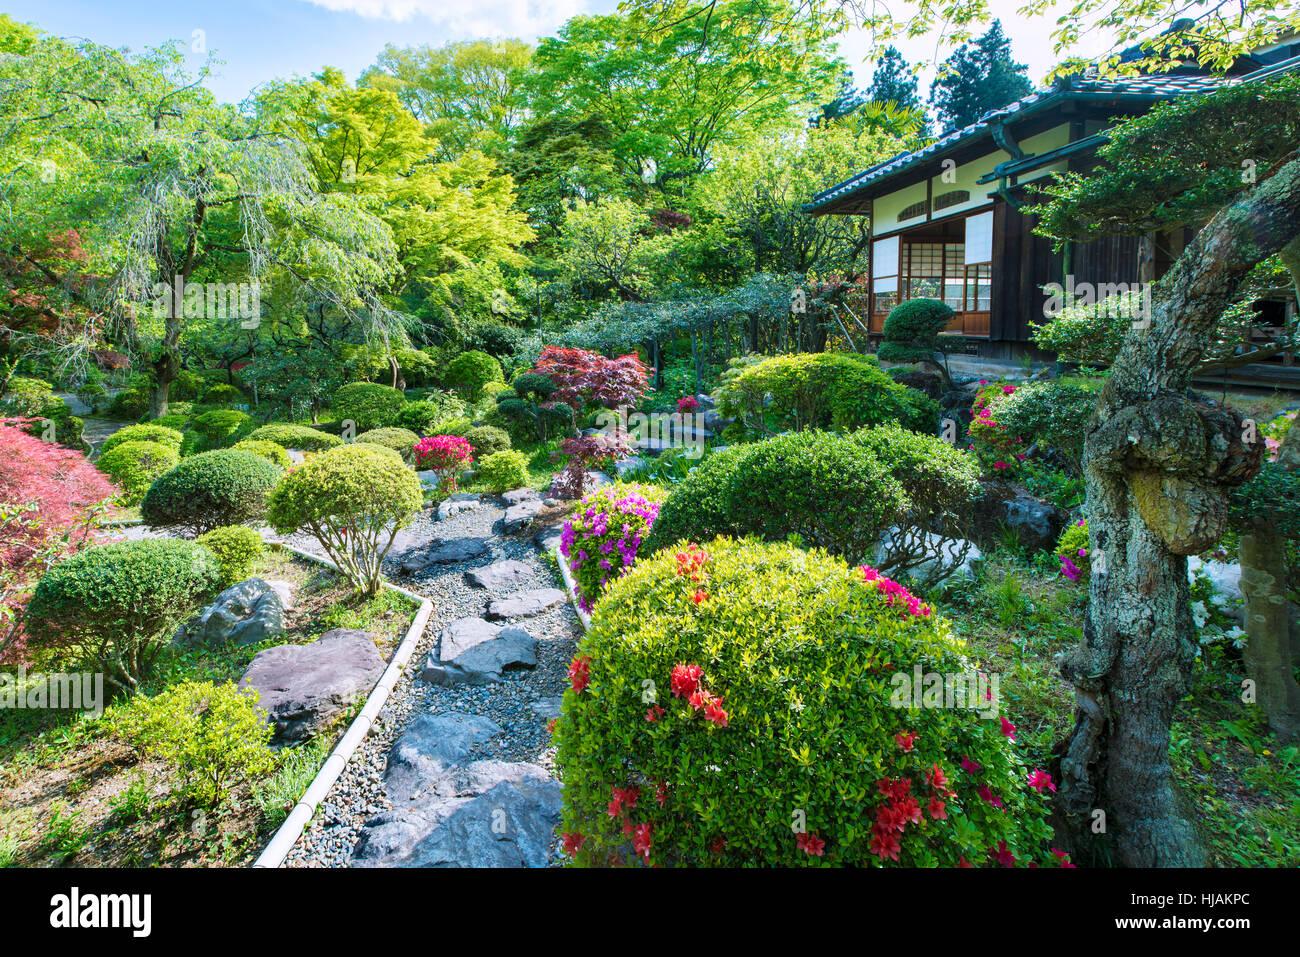 Un tradizionale giardino giapponese del tè e la casa, chashitsu, vicino a Tokyo in Giappone Immagini Stock